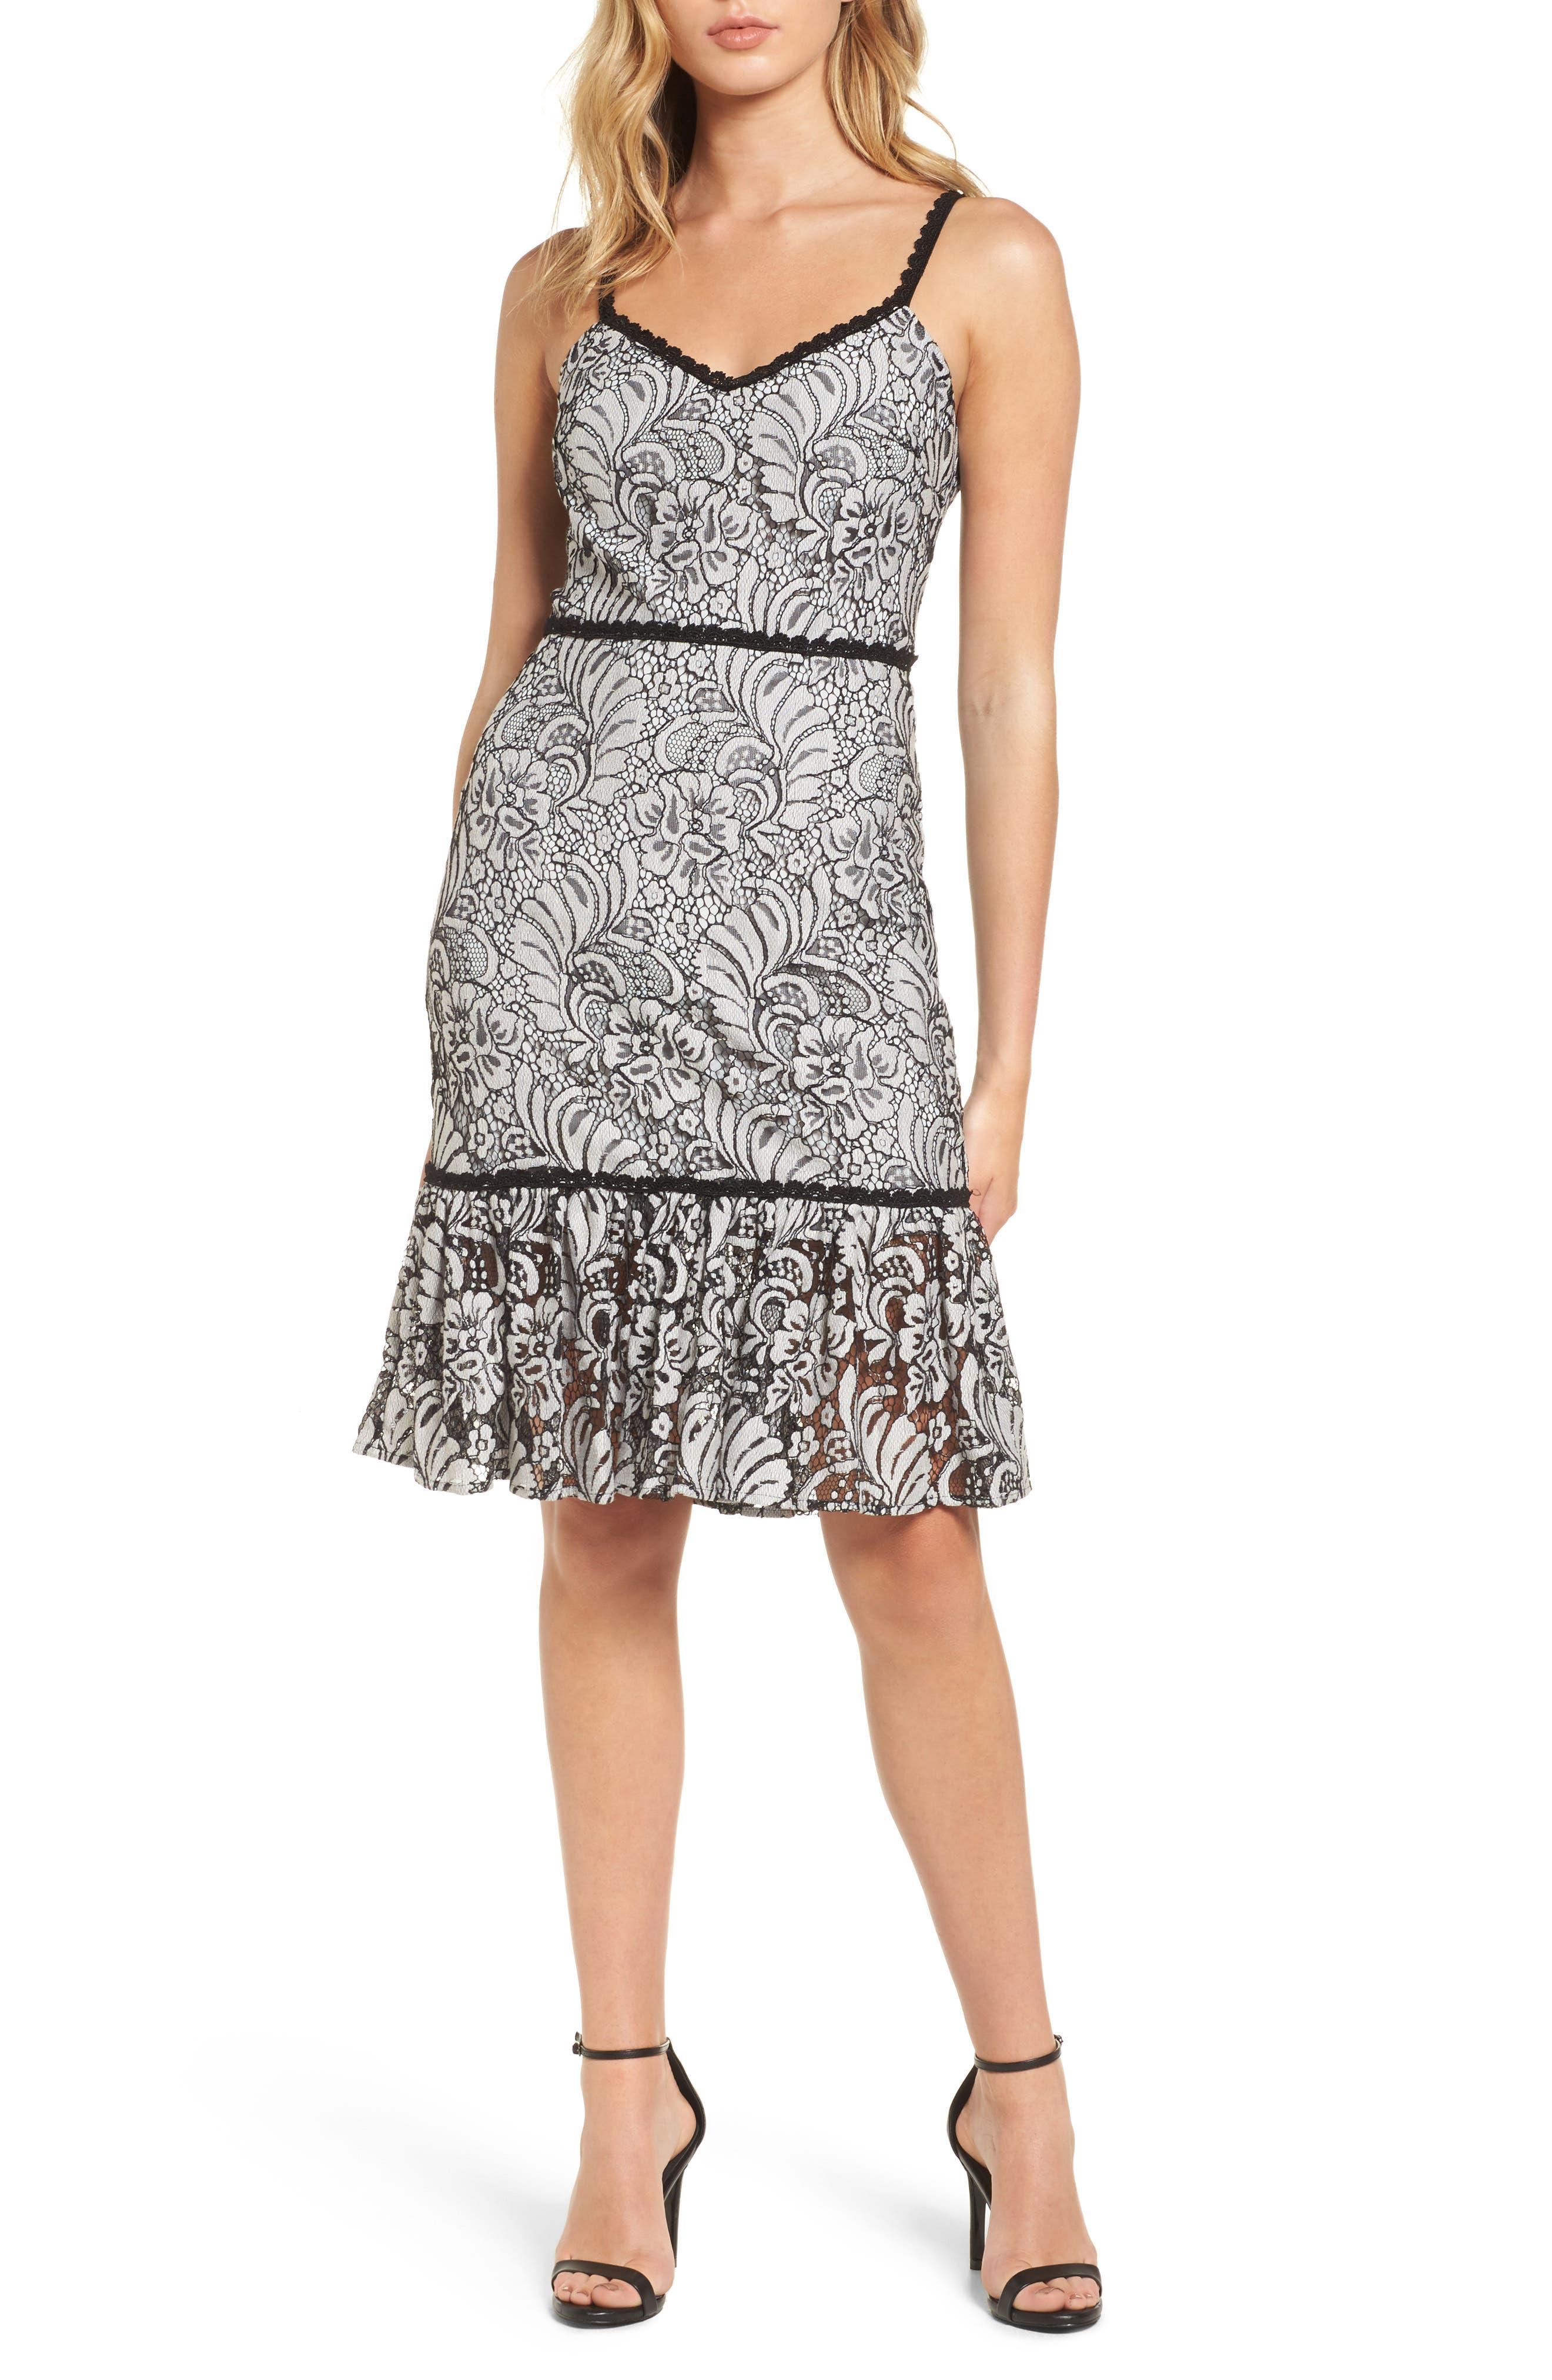 Sue Lace Dress,                             Main thumbnail 1, color,                             900